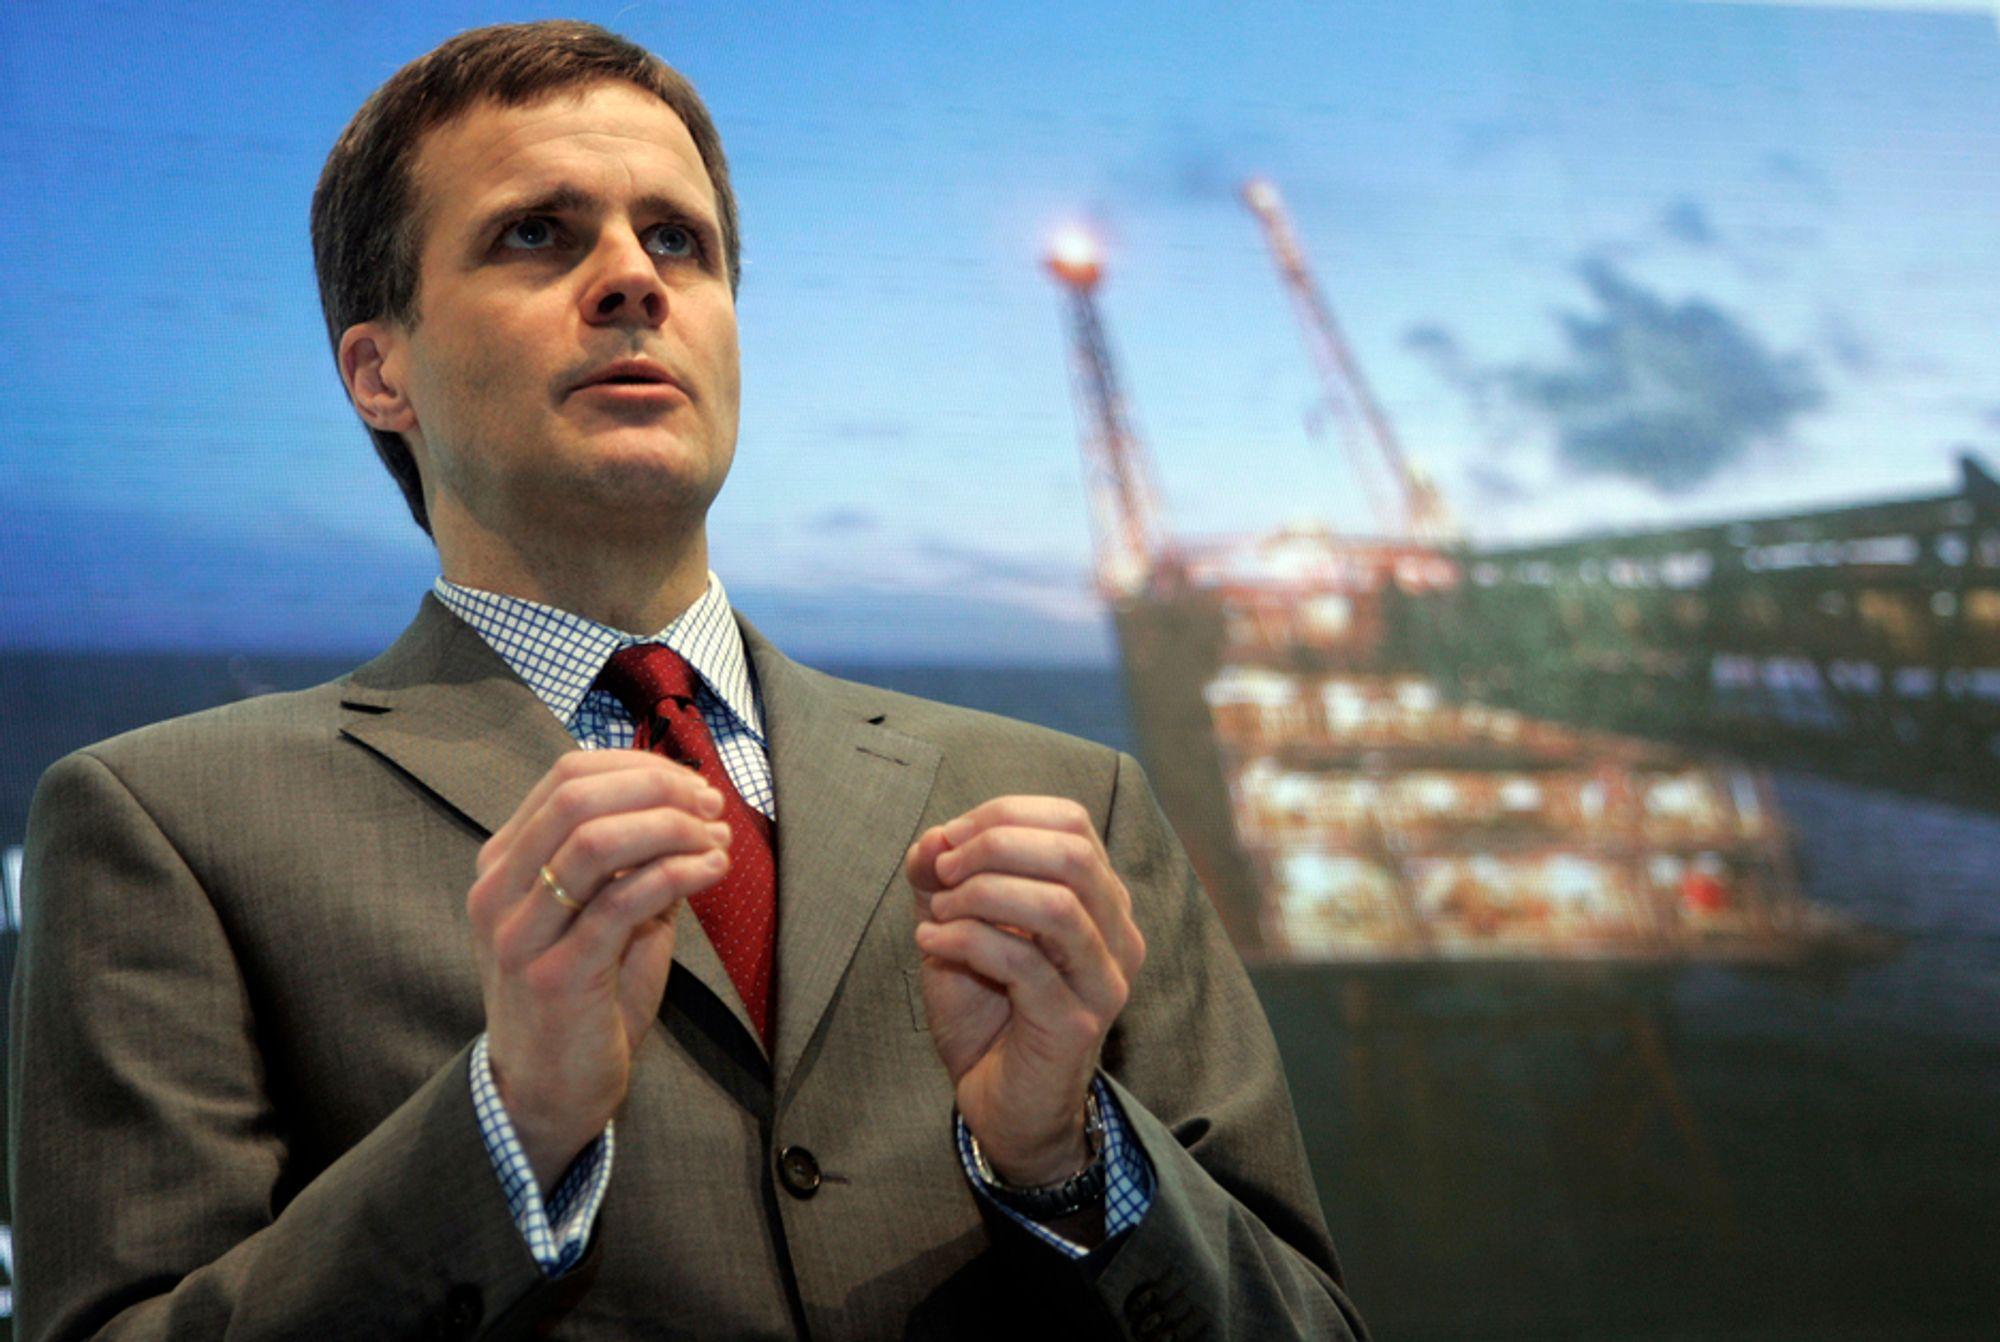 OPTIMIST: StatoilHydros konsernsjef, Helge Lund, skryter av høy produksjon, og velger å se det positive i de høye fusjonskostnadene som har påvirket StatoilHydros kvartalsresultater i negativ retning.